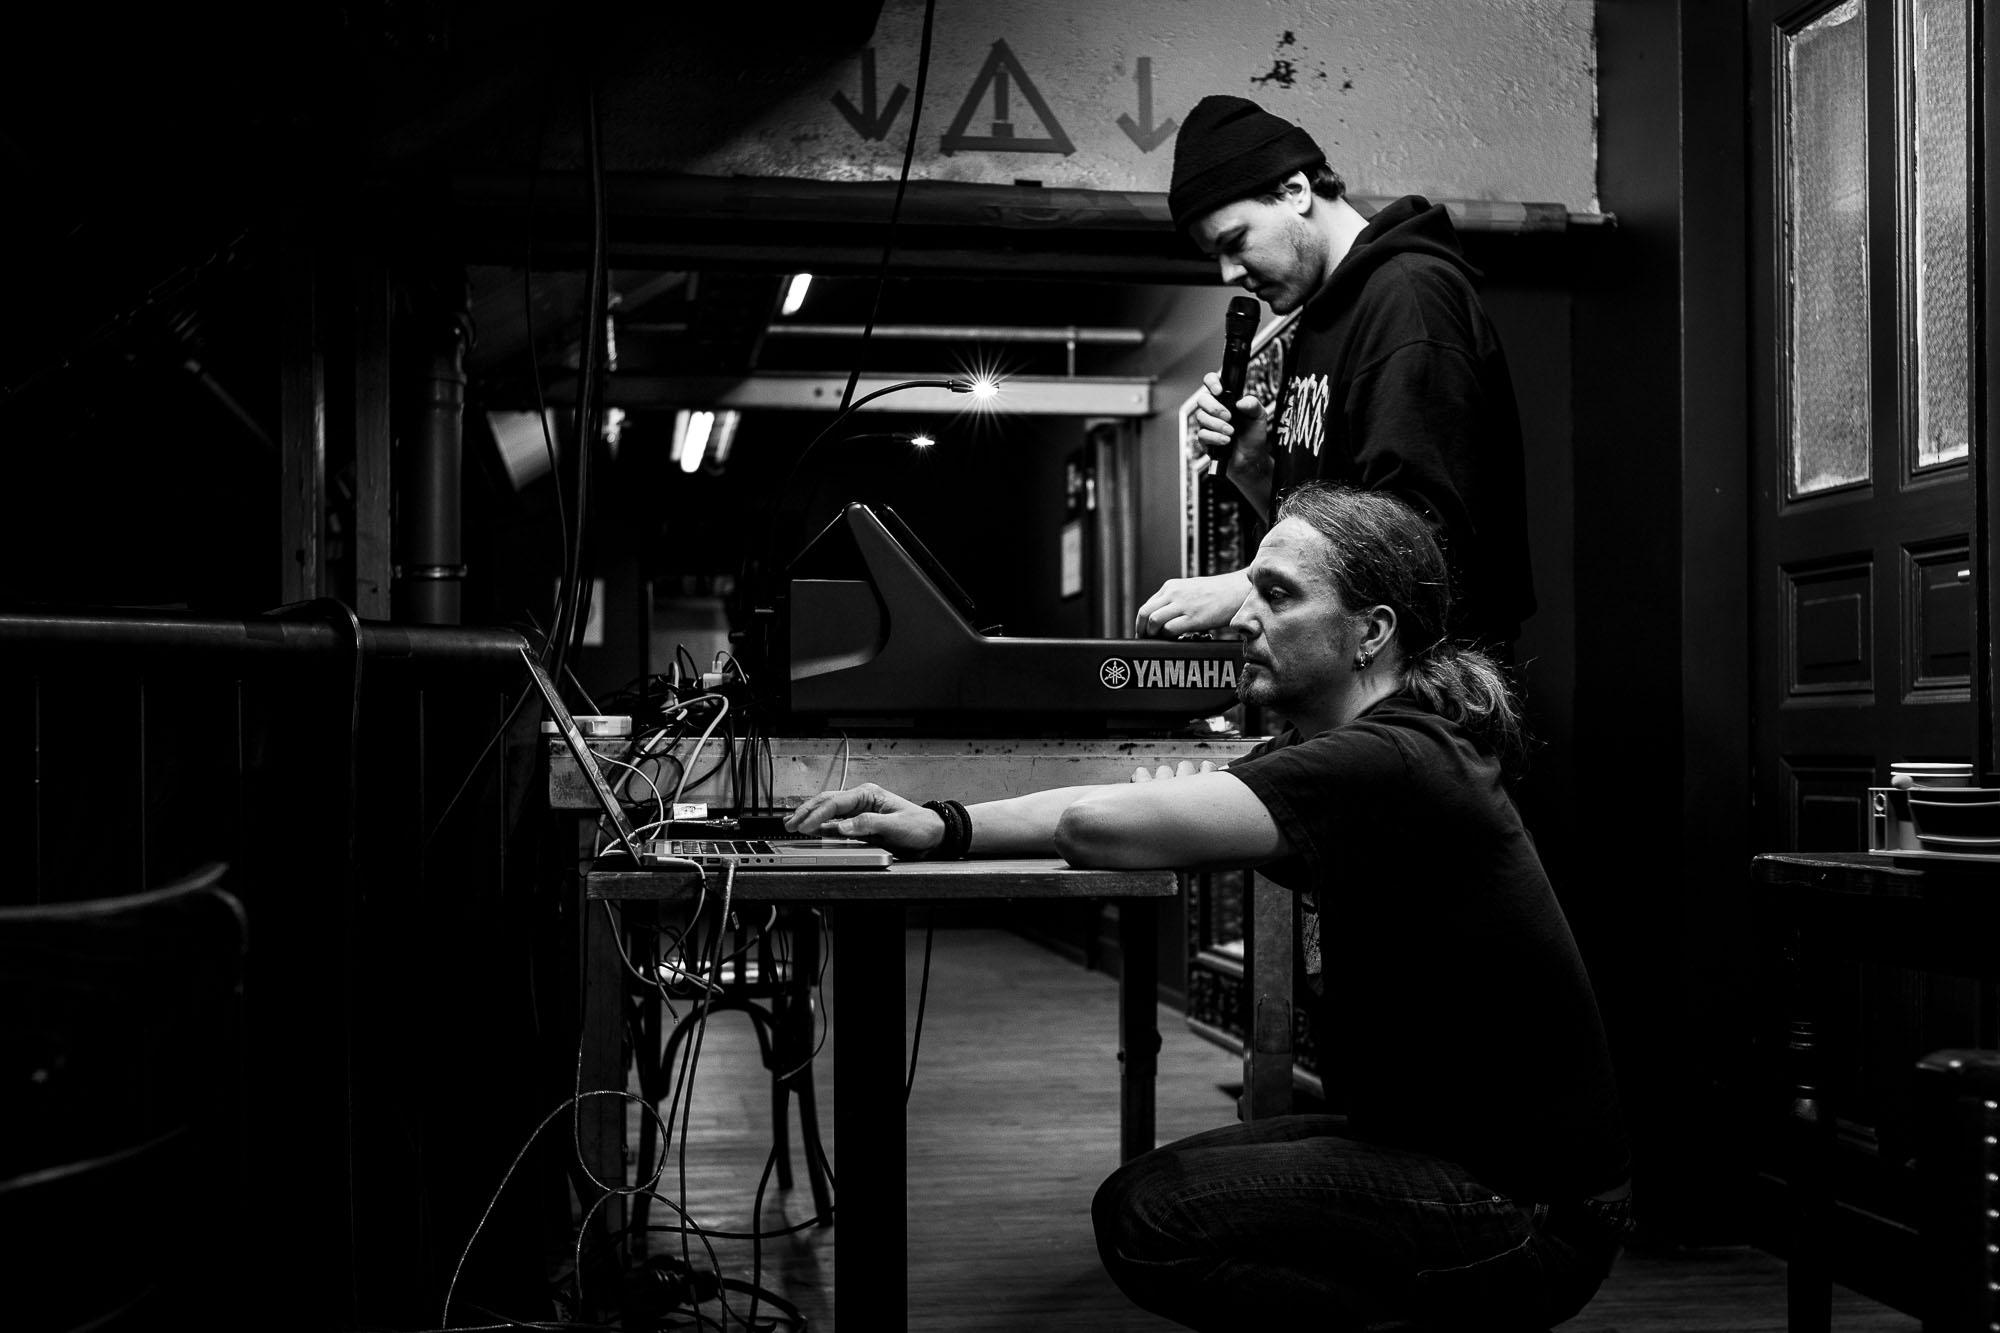 Behind the scenes at beyond tellerrand Berlin 2019